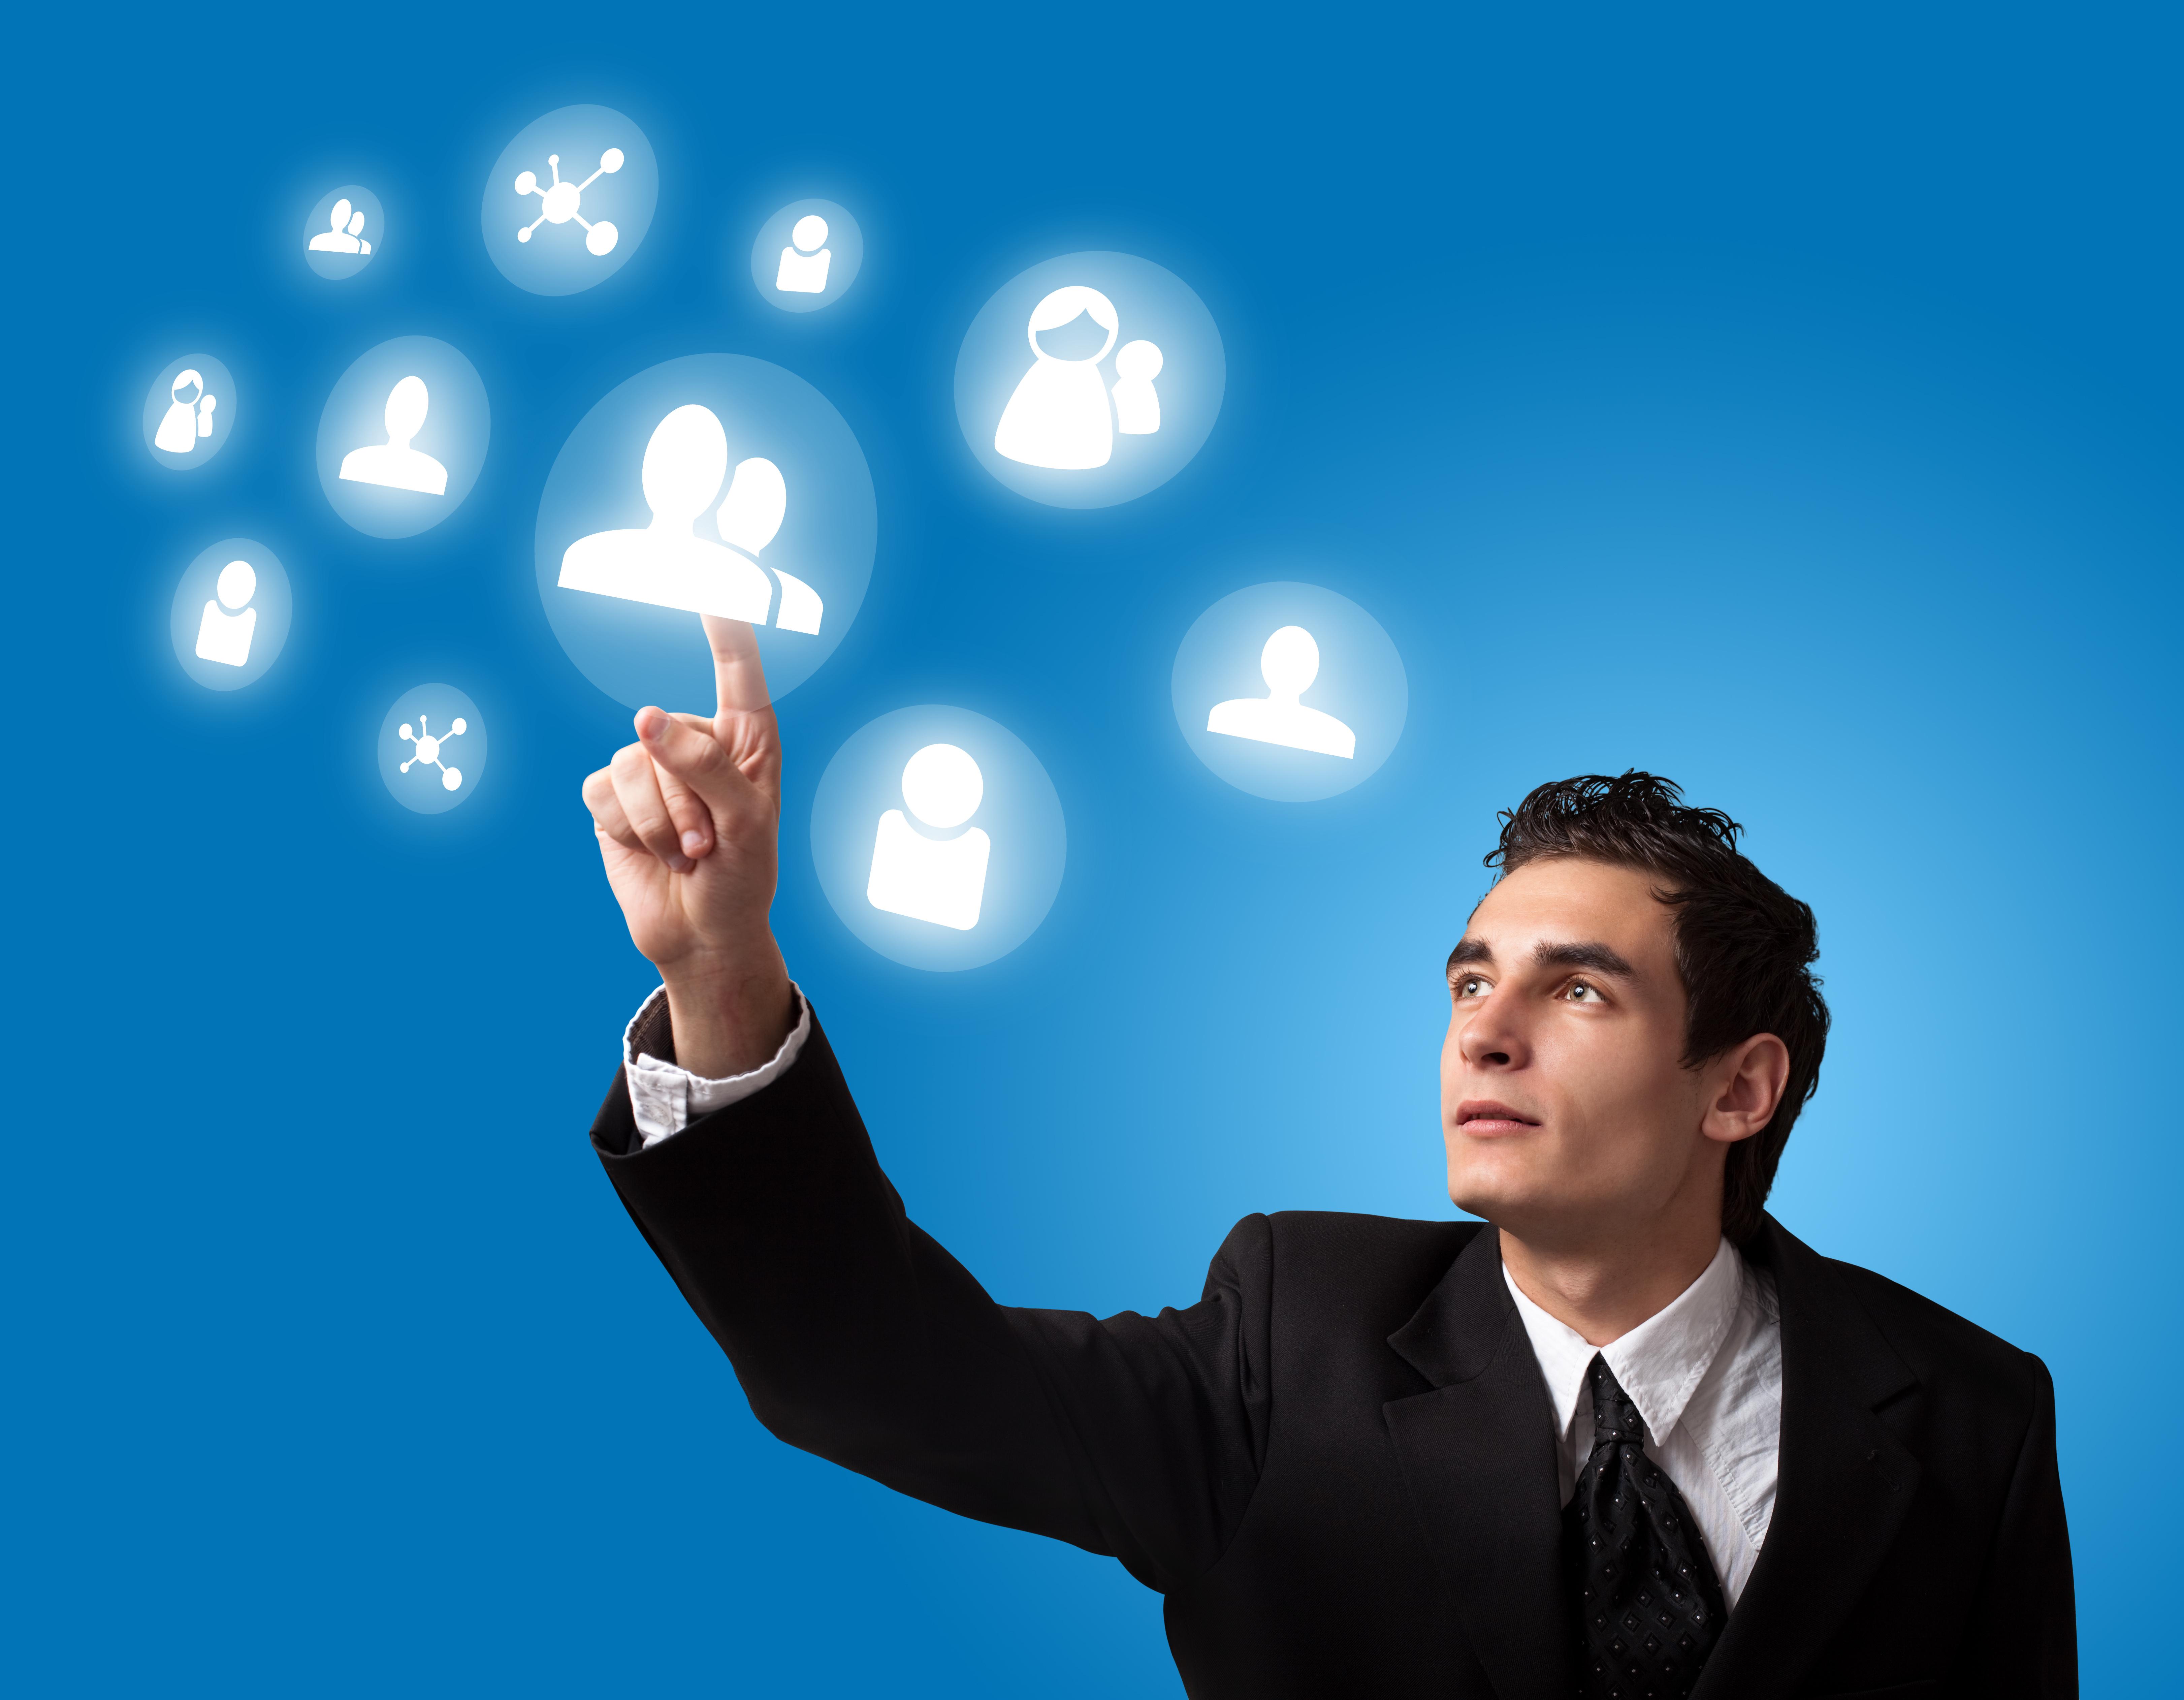 Wiele firm decyduje się na rekrutację kilkuetapową (fot. pixabay)